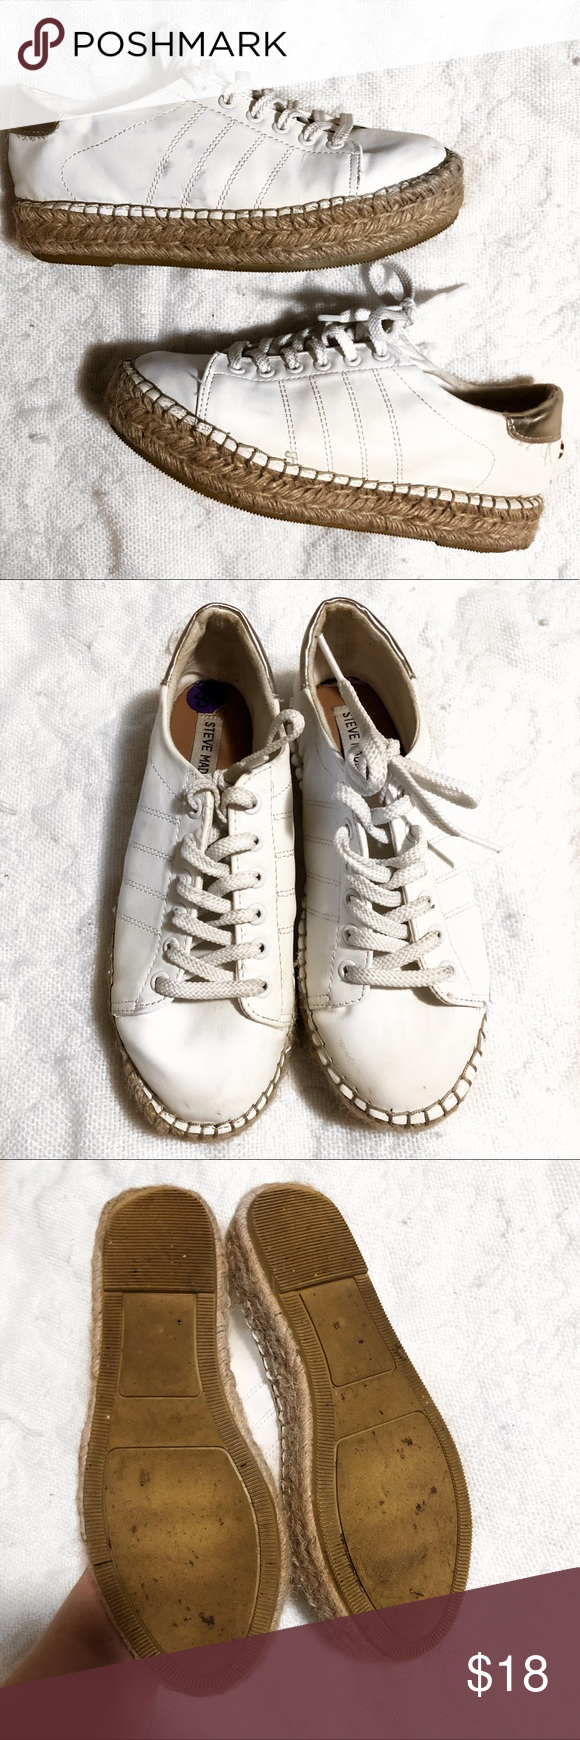 Steve Madden Tamilyn Espadrille Sneaker Espadrille Sneakers Espadrilles Dress Shoes Men